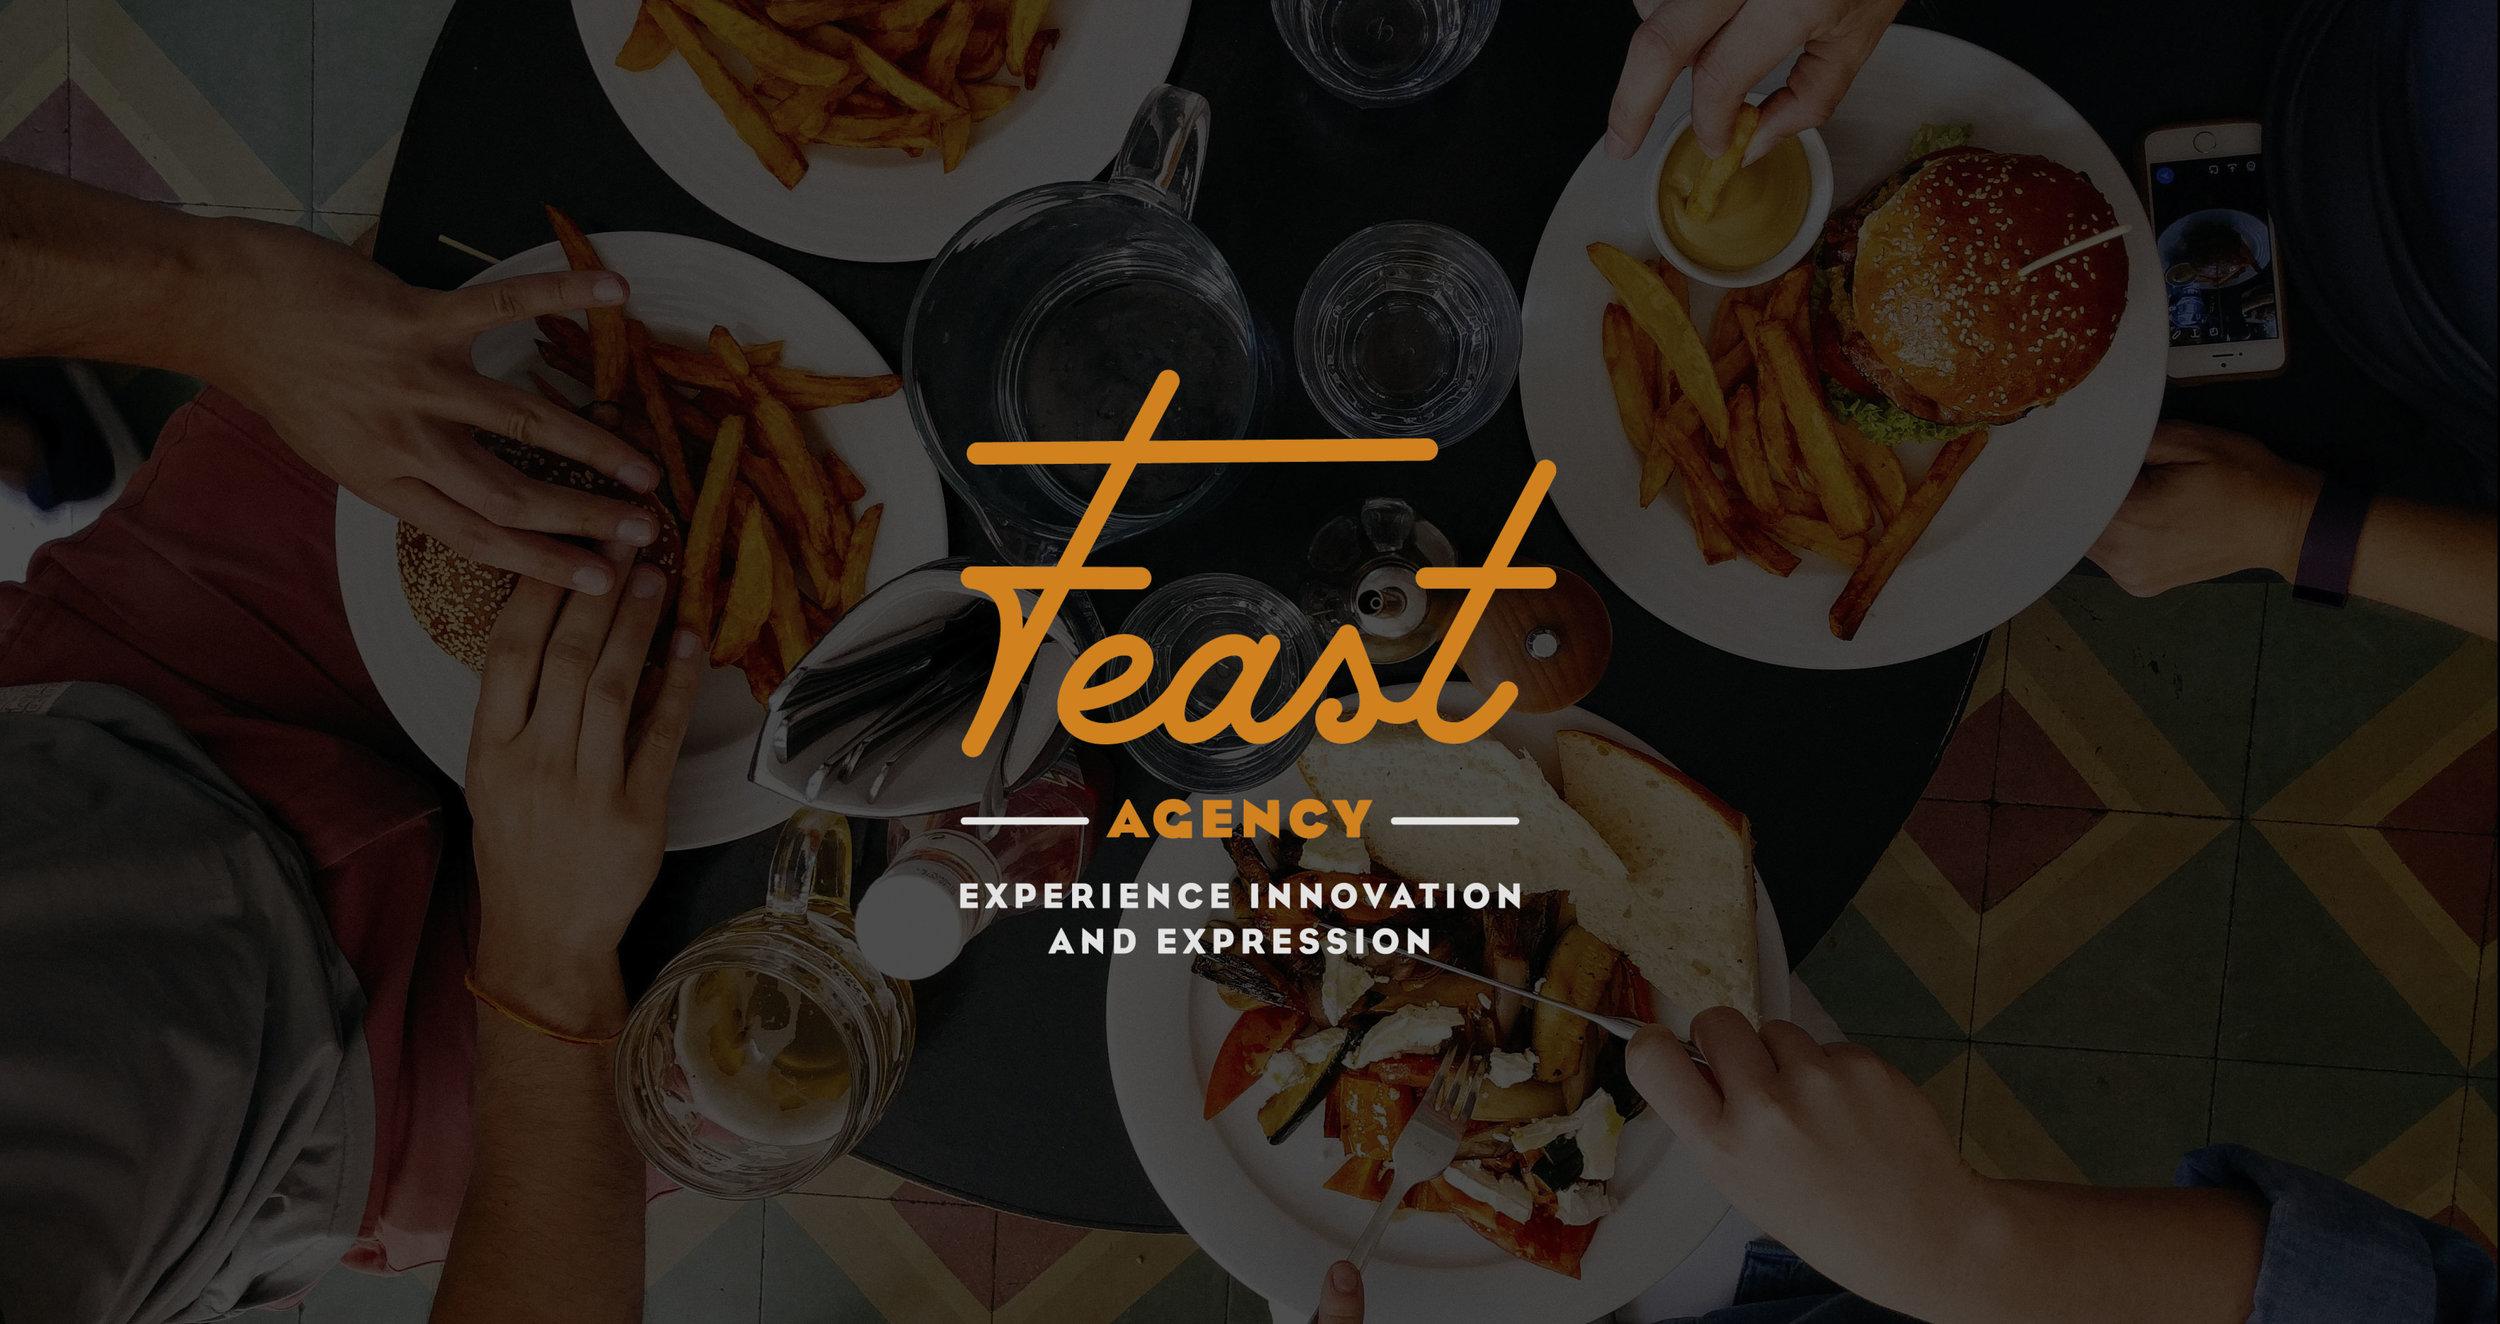 Feast_Edited-3.jpg